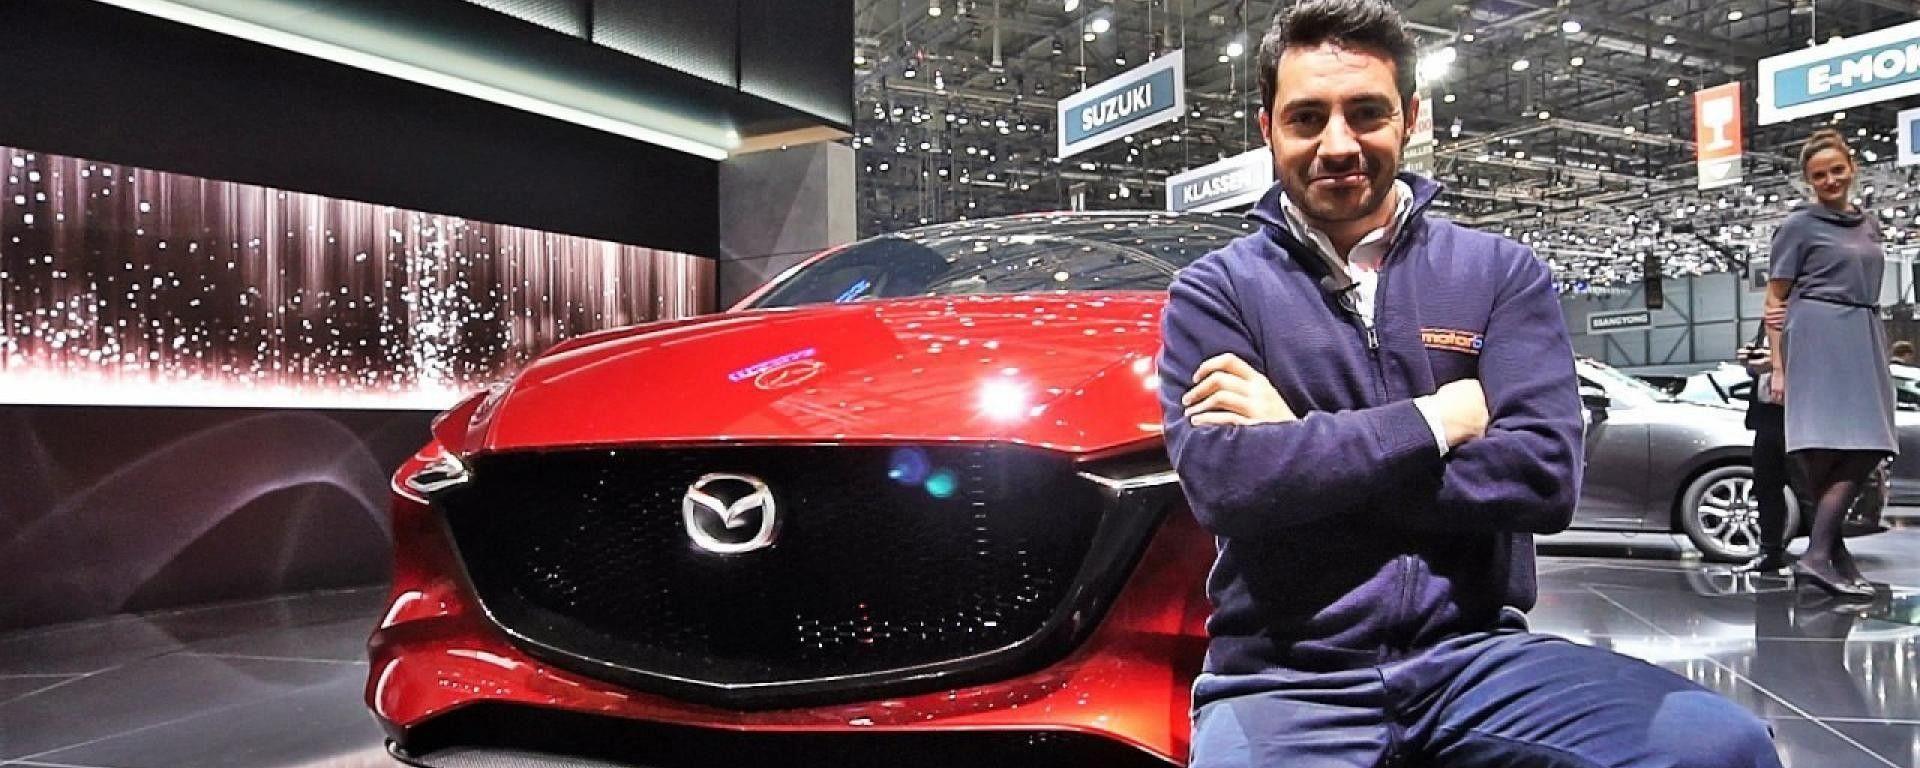 Nuova Mazda 3 Concept: in video dal Salone di Ginevra 2018